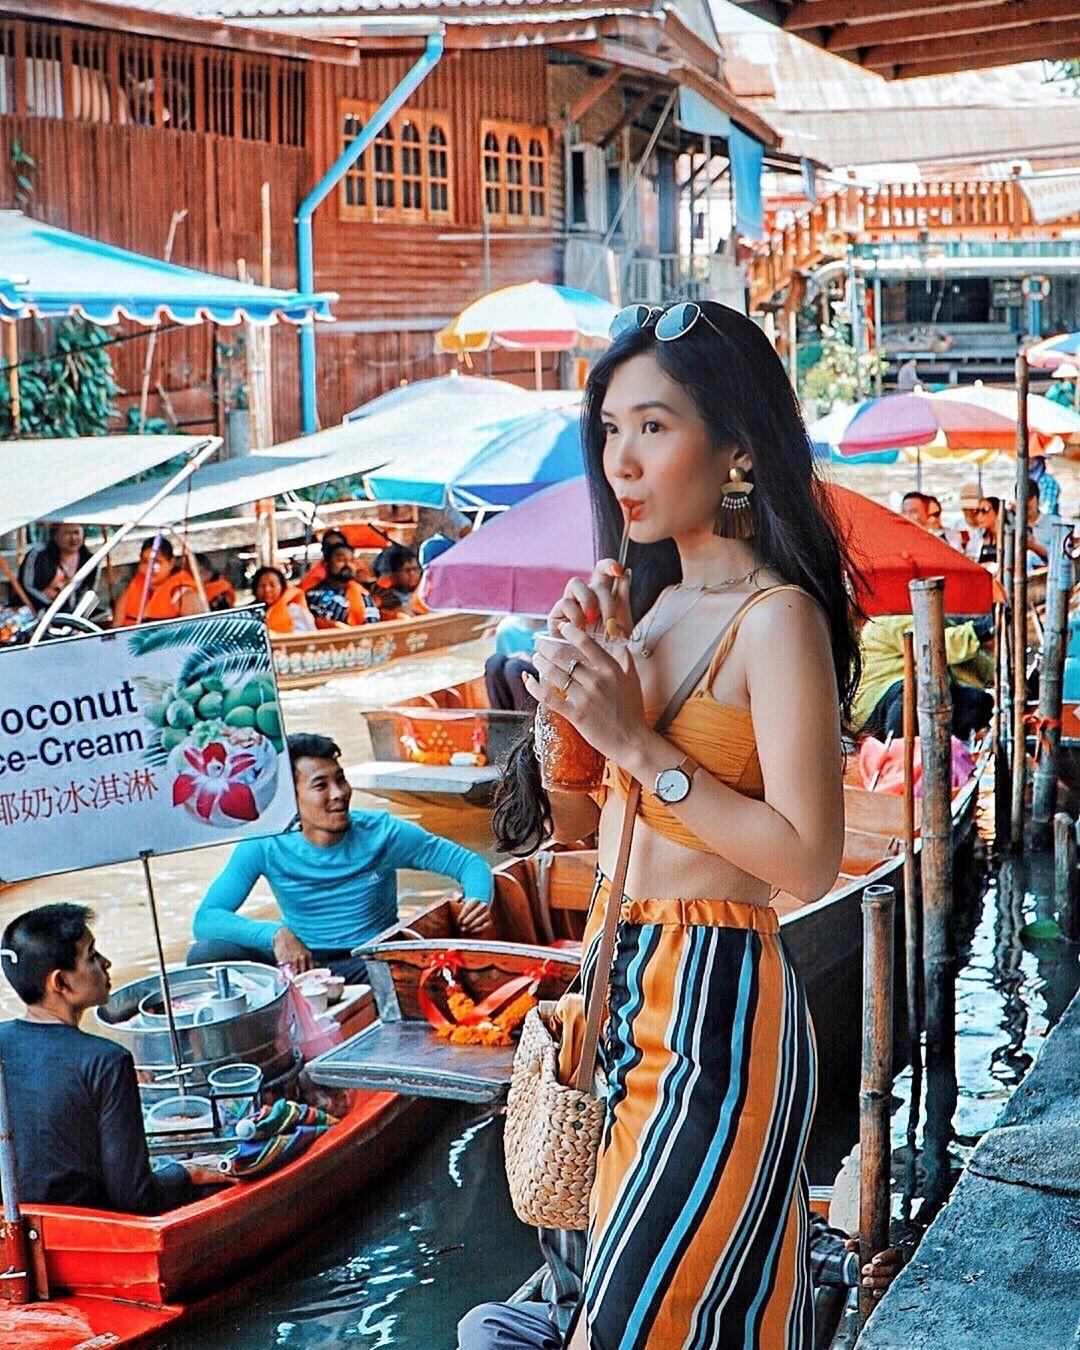 Chơi quên lối về tại những khu chợ nổi nhất định phải ghé ở Bangkok - Ảnh 7.